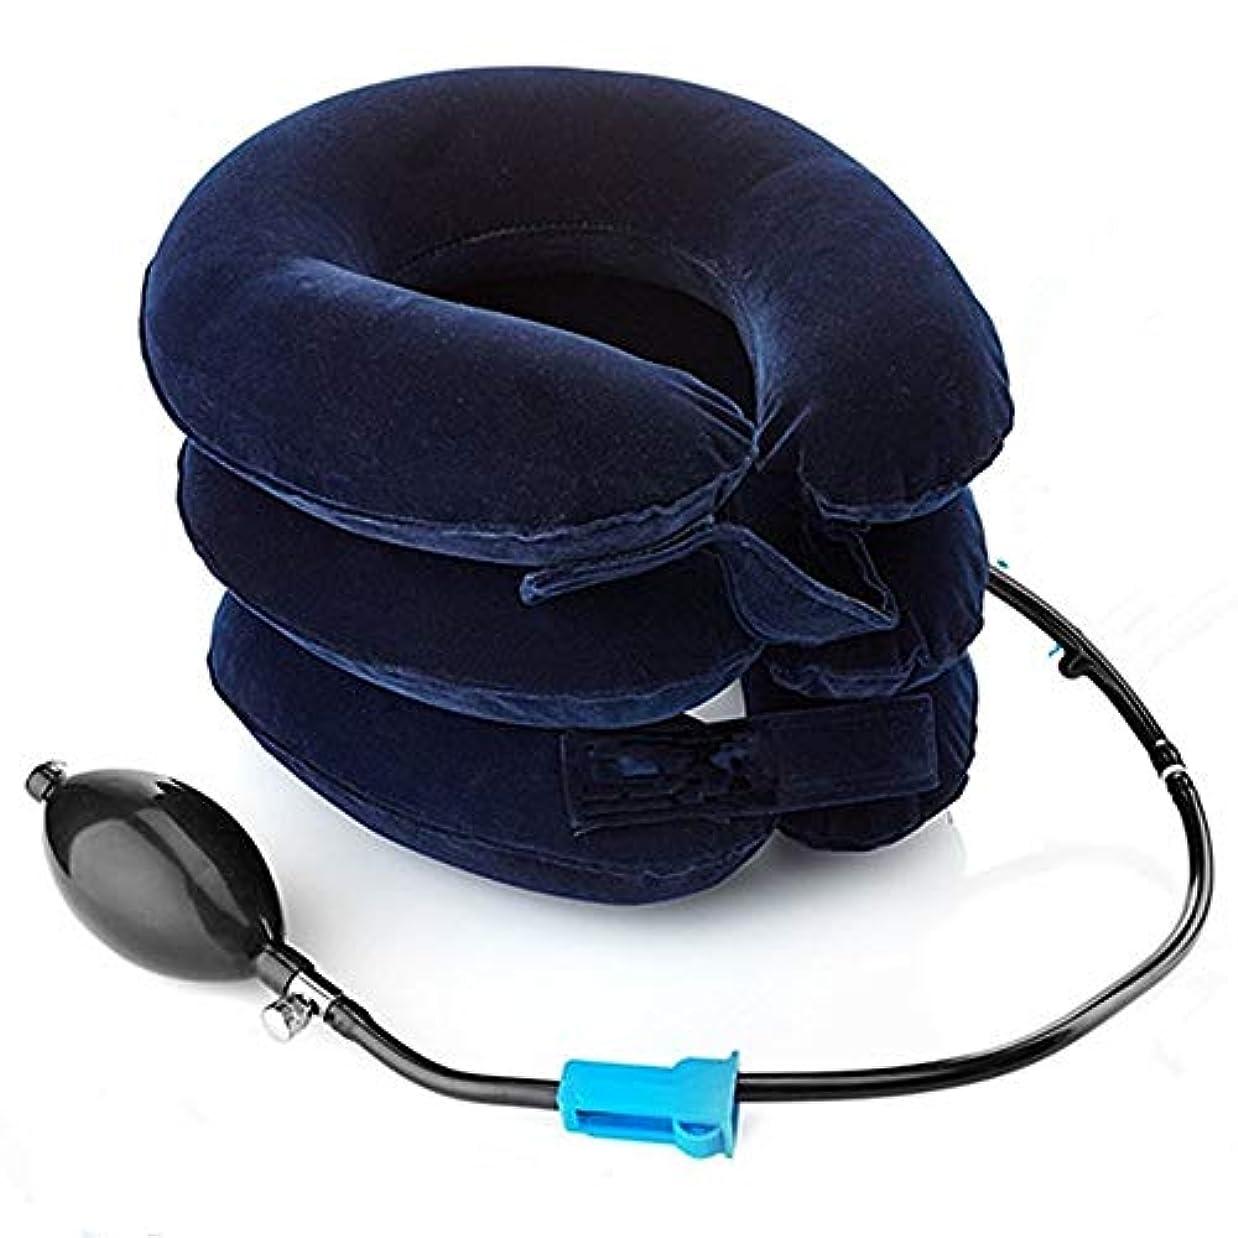 脚本発症メイン子宮頸管牽引装置FDA登録 - ホームトラクション背骨の整列のためのインフレータブル&調節可能なネックストレッチャーカラー